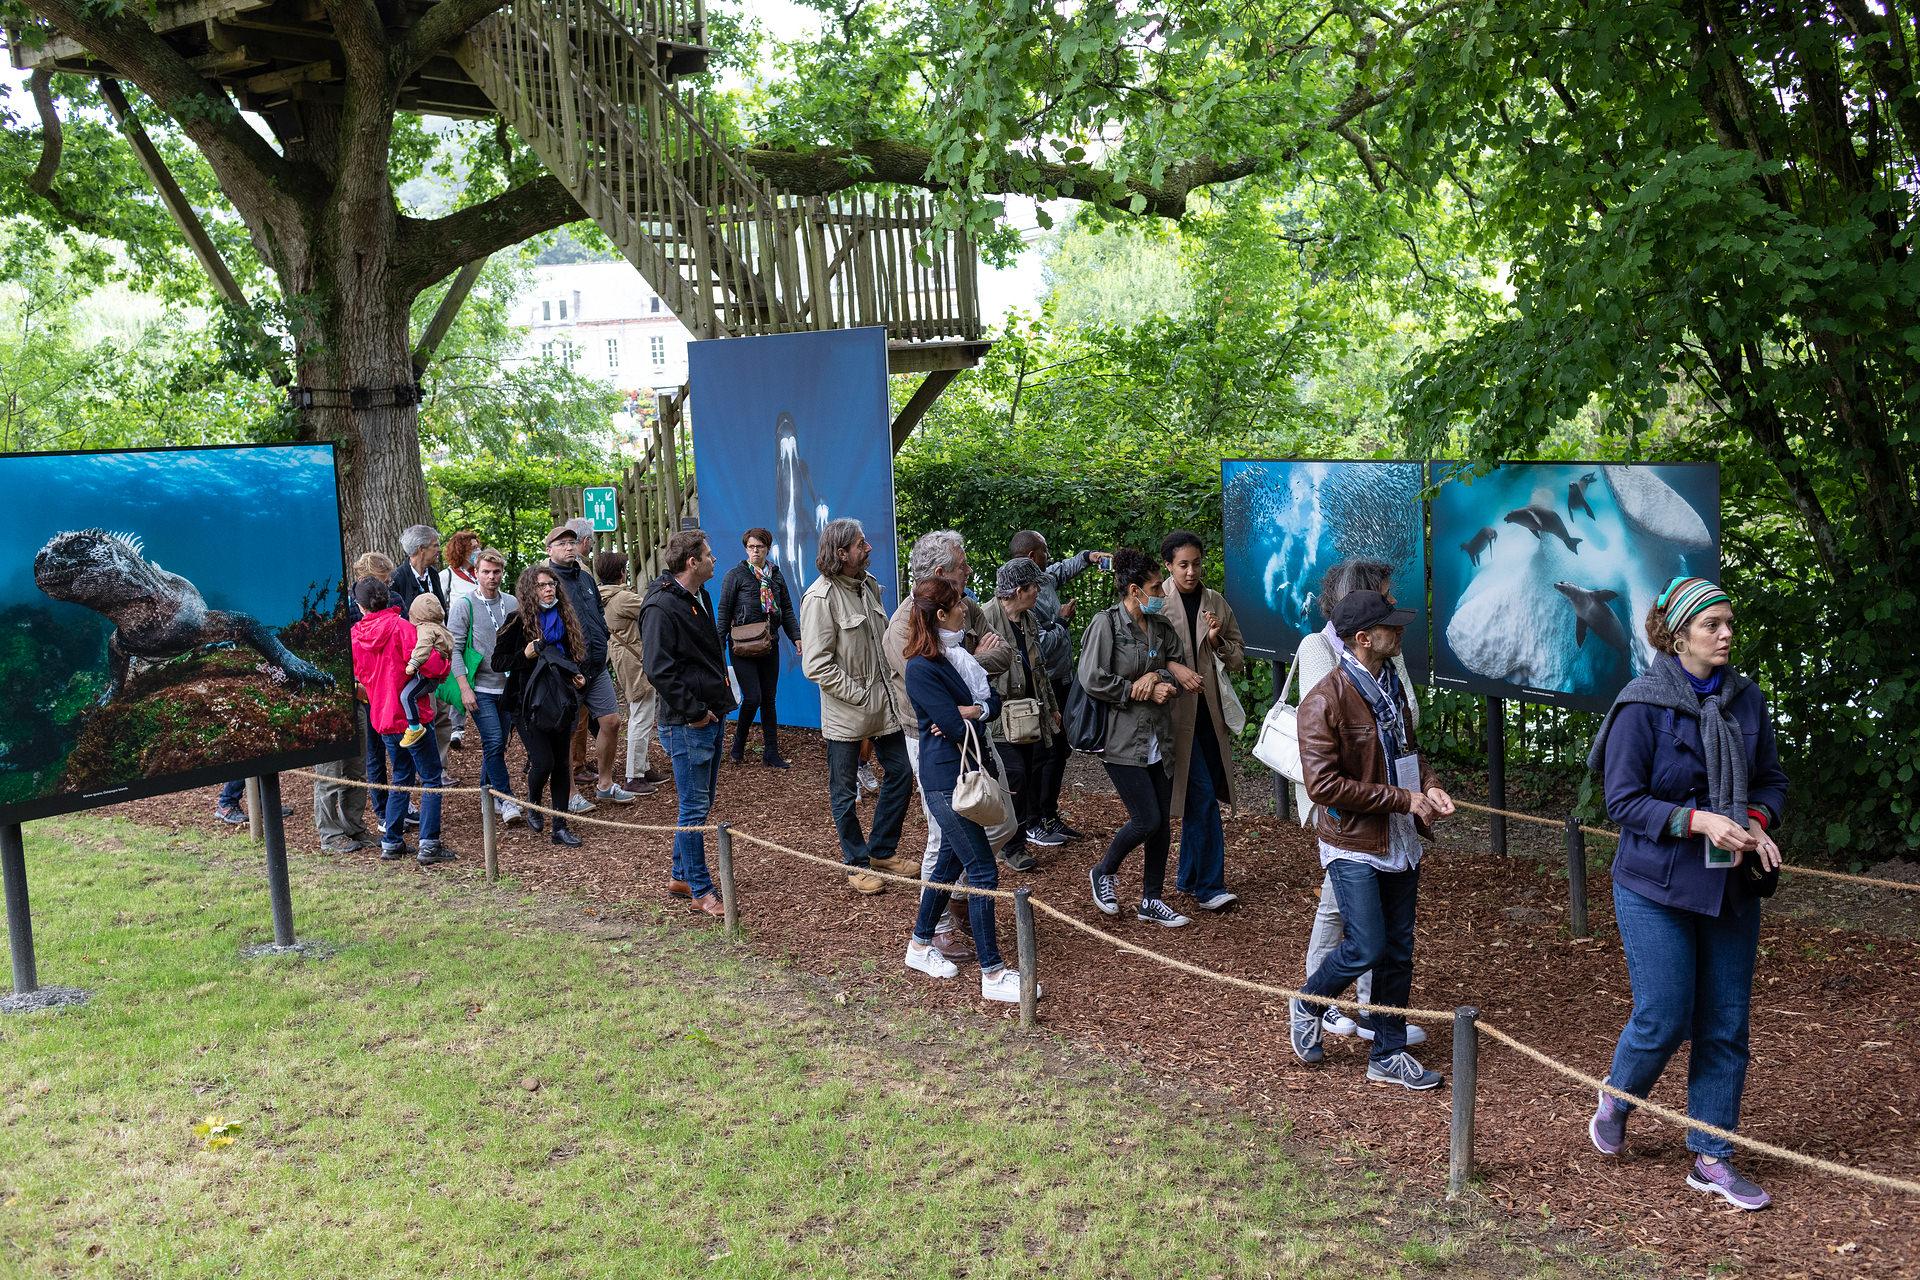 Les coulisses du Festival – Journées européennes du patrimoine au Festival Photo La Gacilly